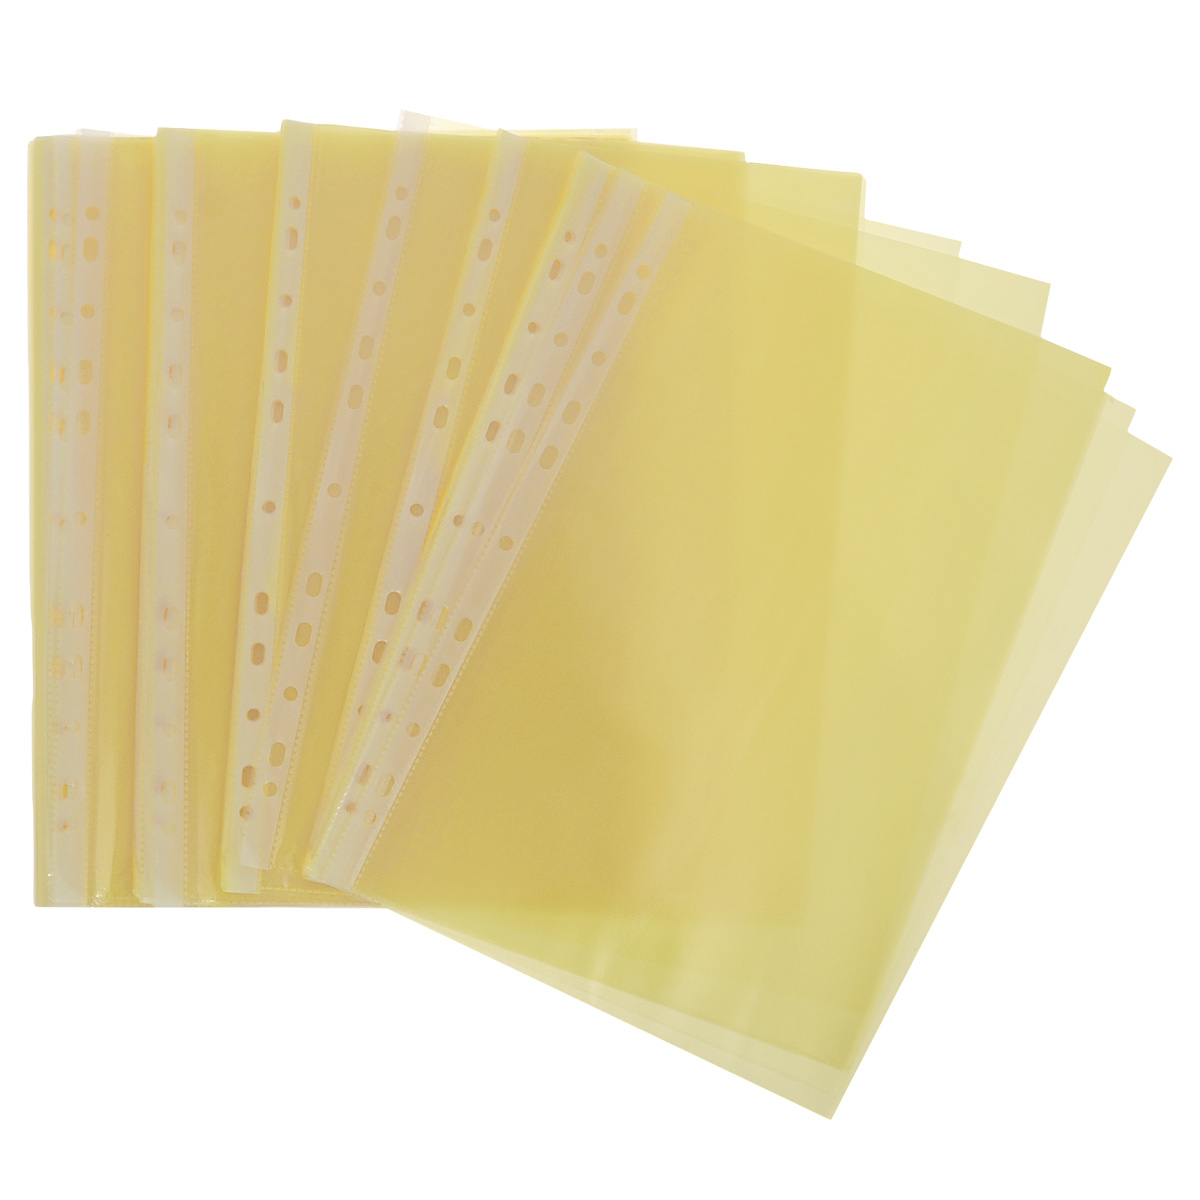 Файл-вкладыш Erich Krause Clear Standard, цвет: желтый, формат А4, 100 штAC-1121RDПрозрачный перфофайл Erich Krause Clear Standard обеспечивает сохранность листов, надежно защищая документы от грязи и пыли. Используется для подшивки бумаг формата А4 в архивные папки без дополнительного перфорирования дыроколом. Изготовлен из высококачественной прозрачной полипропиленовой пленки с фактурной поверхностью и снабжен универсальной боковой перфорацией, совместимой со всеми видами кольцевых механизмов и скоросшивателей.Комплект содержит 100 файлов-вкладышей.Размер файла: 21 см х 29,7 см.